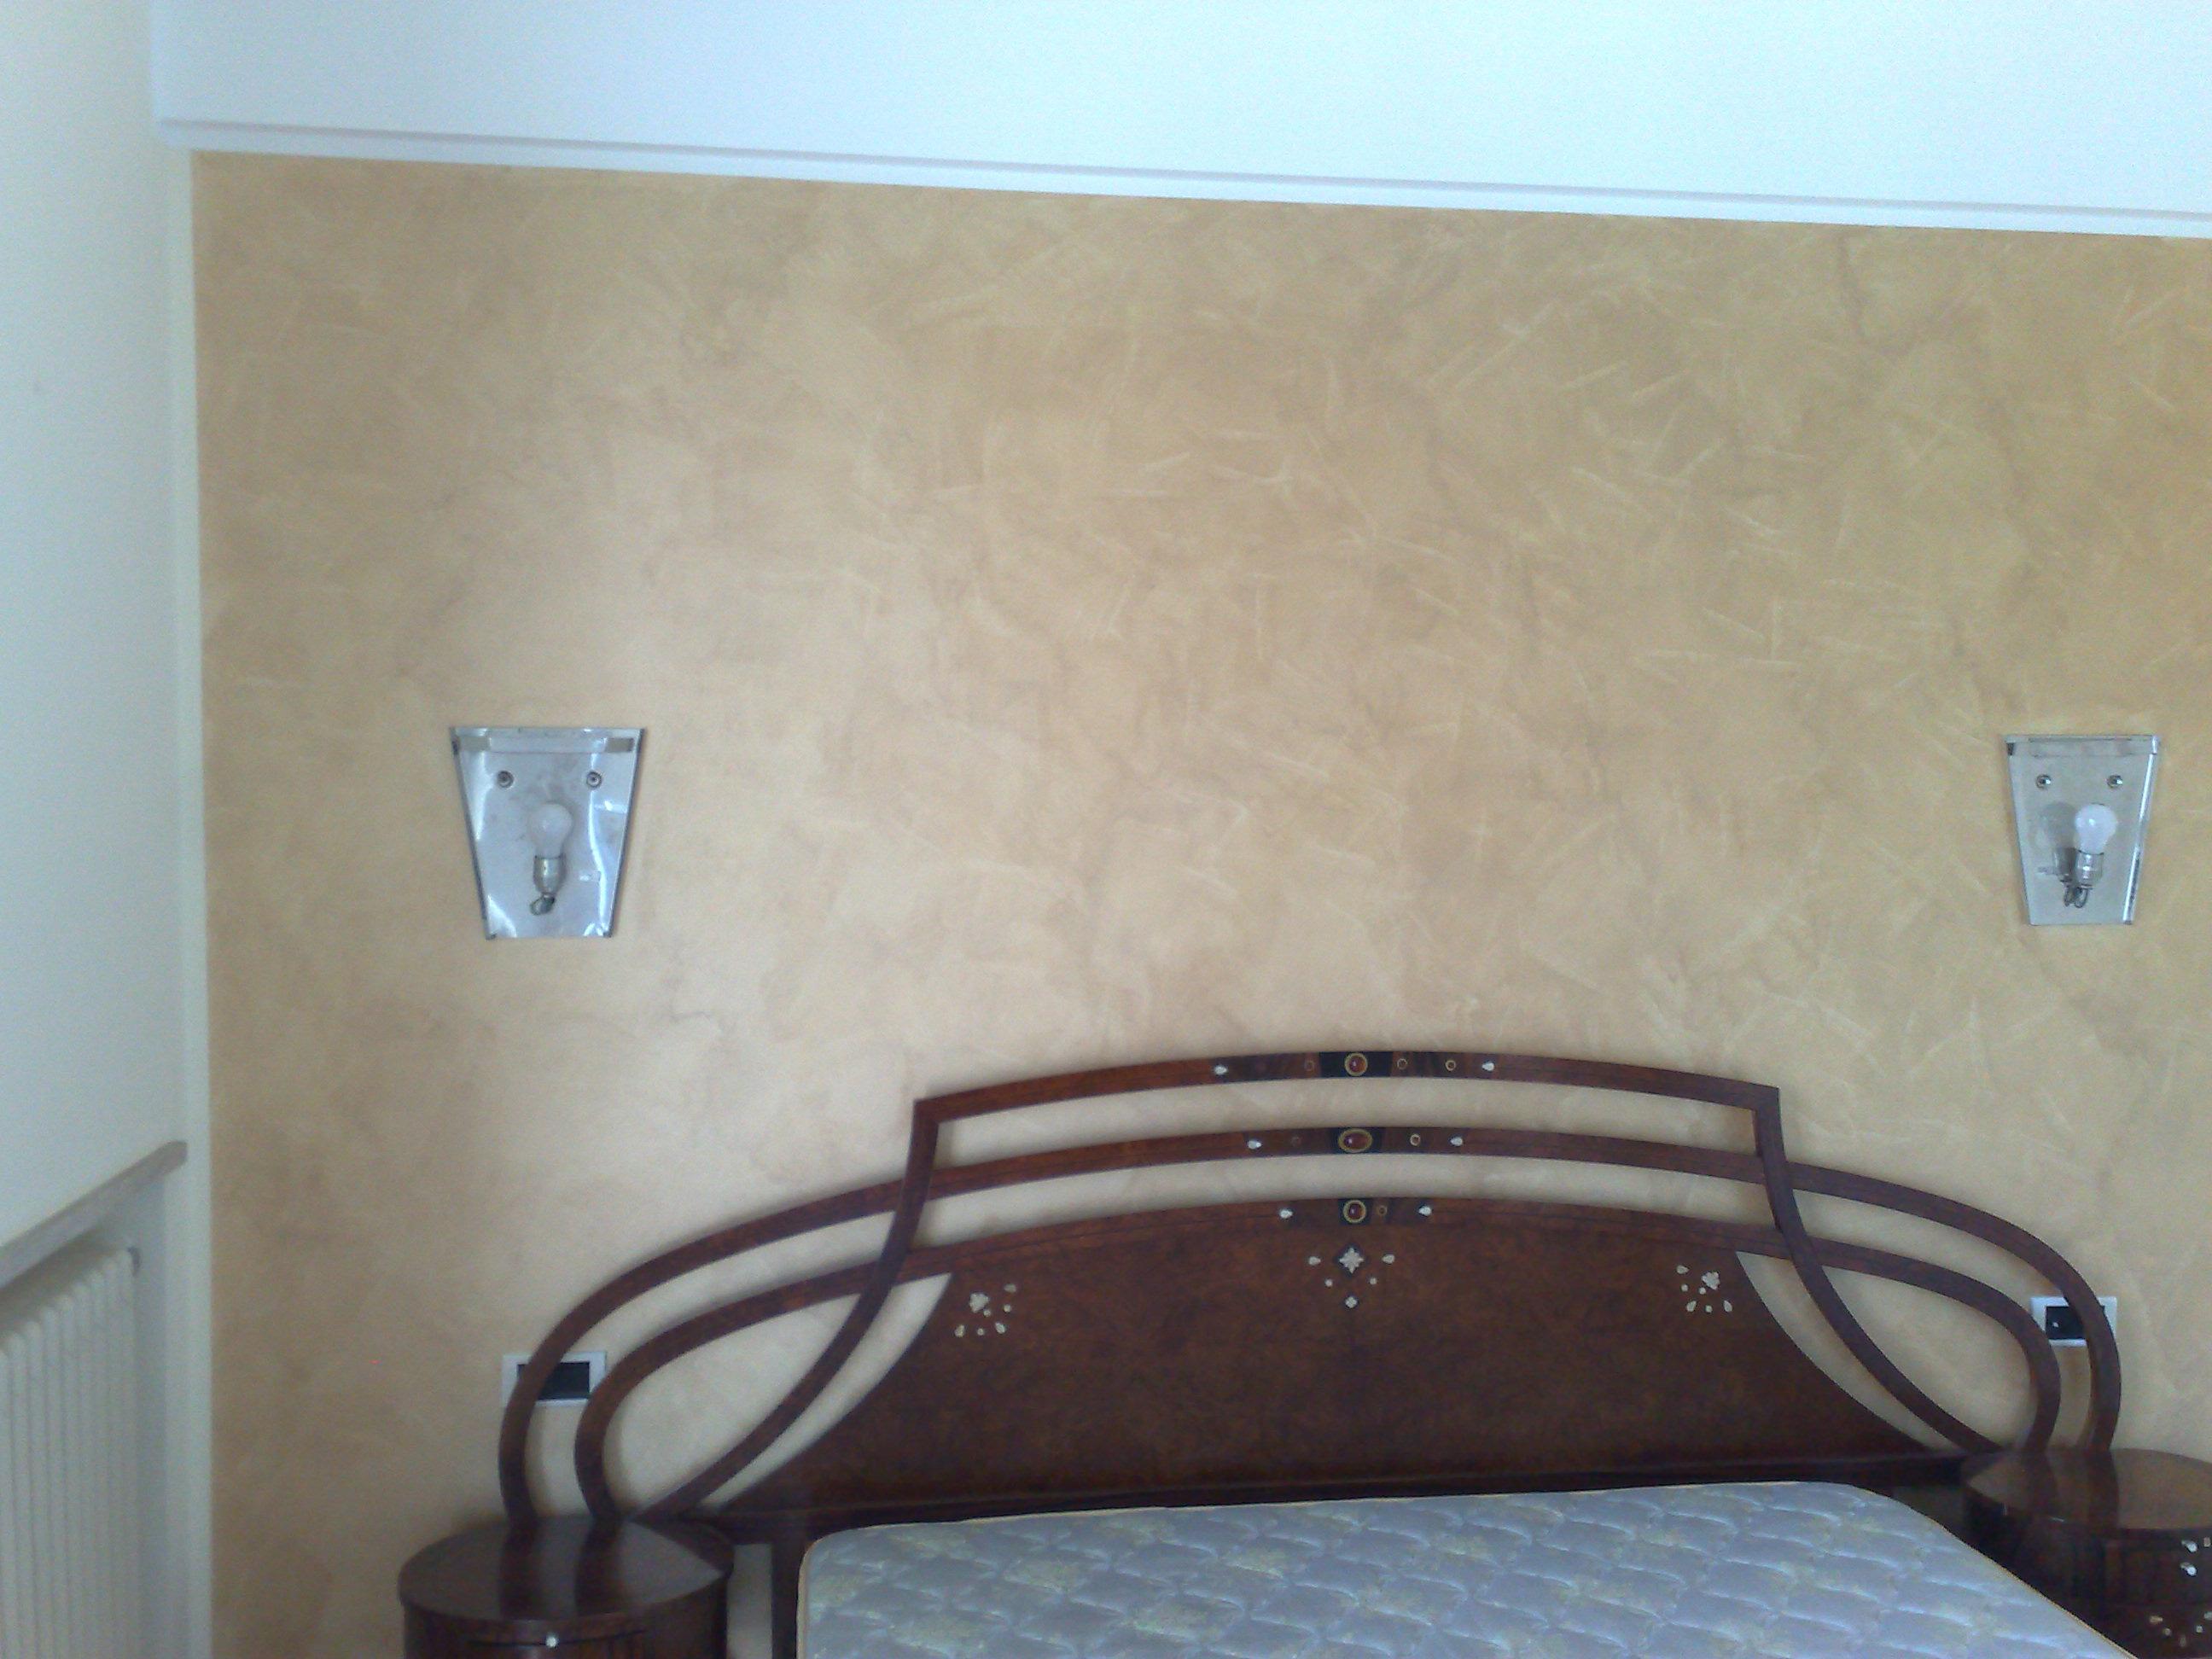 Decorazione Serika color seppia su singola parete per creare contrasto con le altre pareti